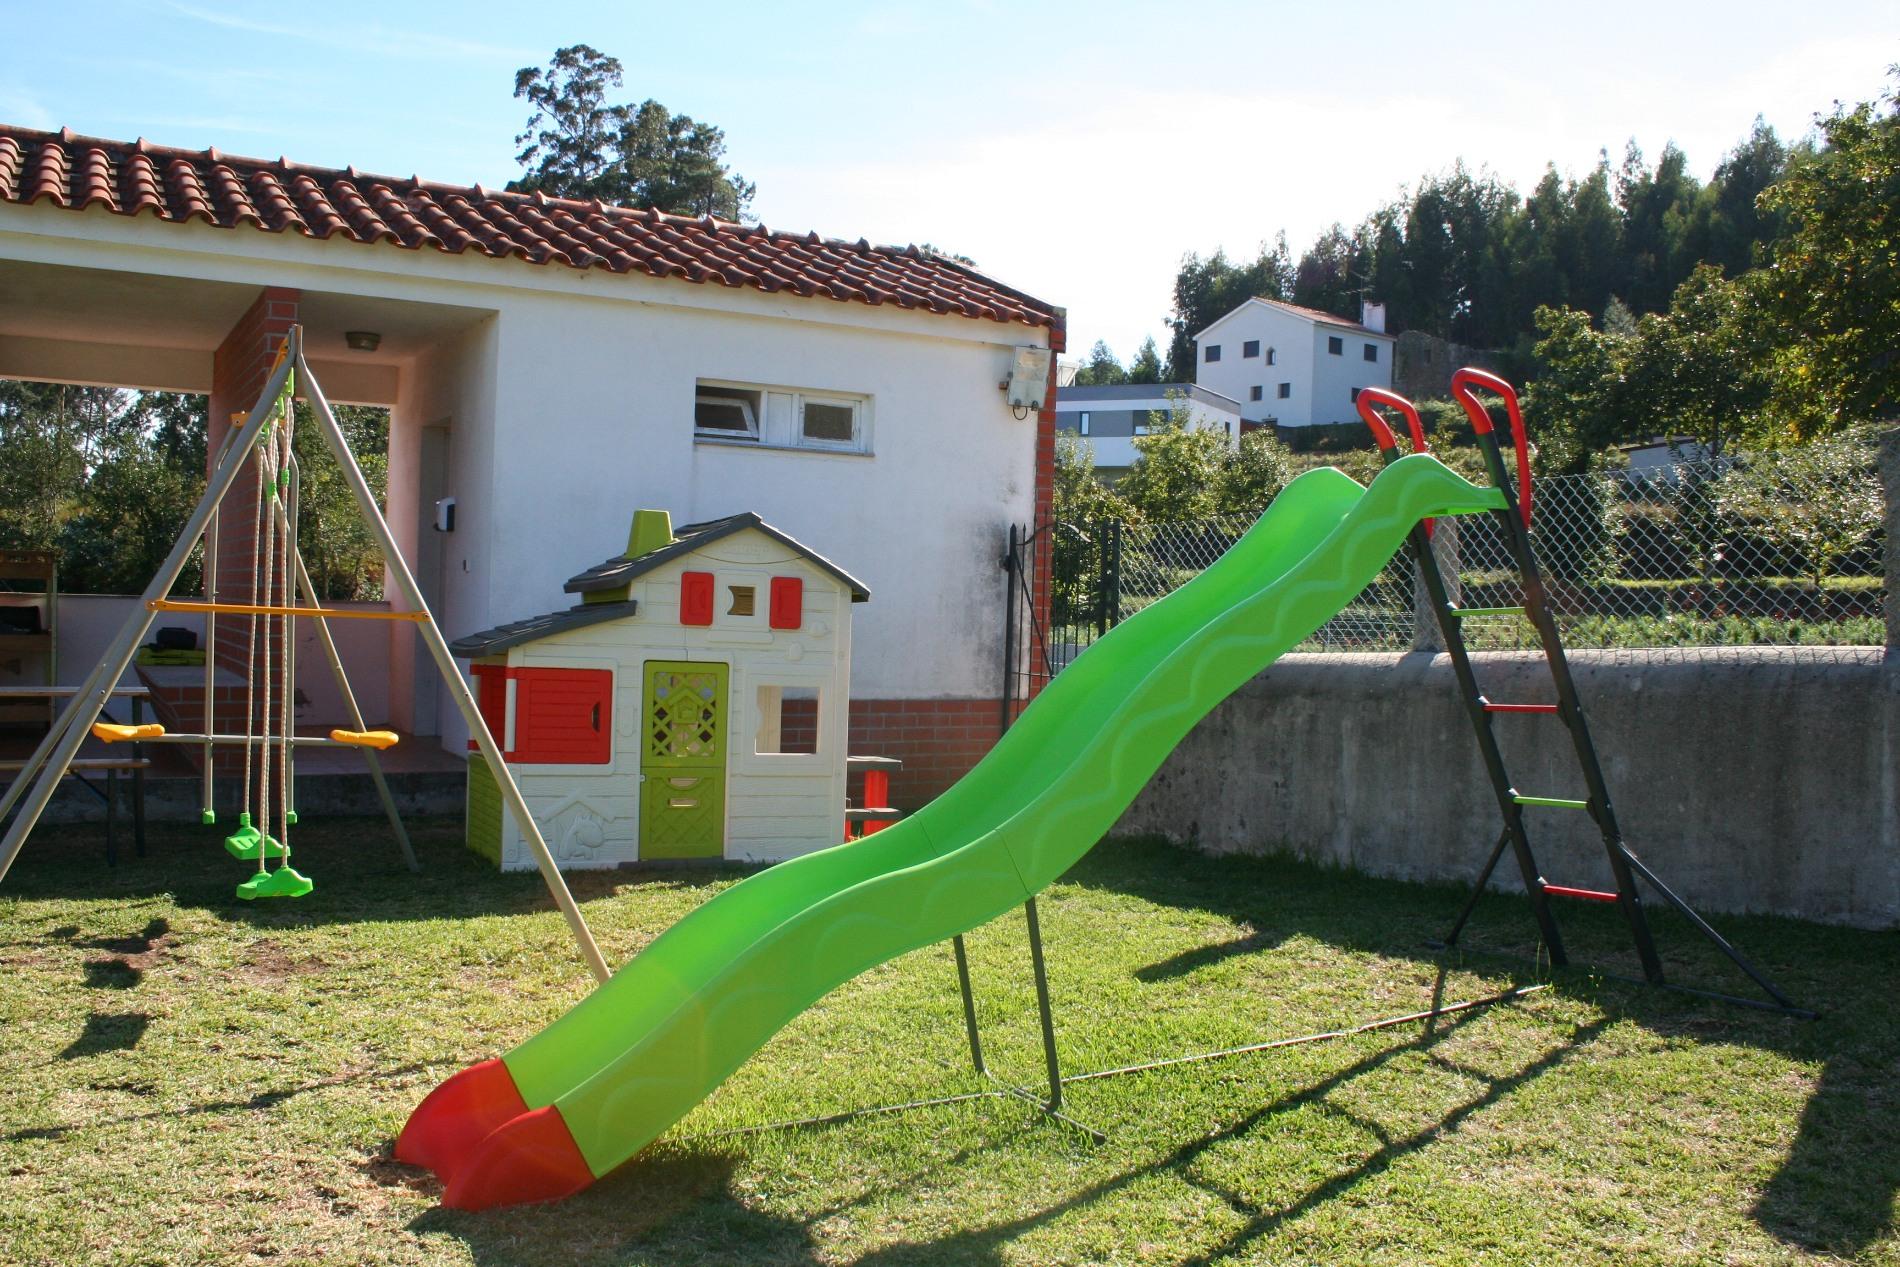 quinta são francisco em viana do castelo portugal